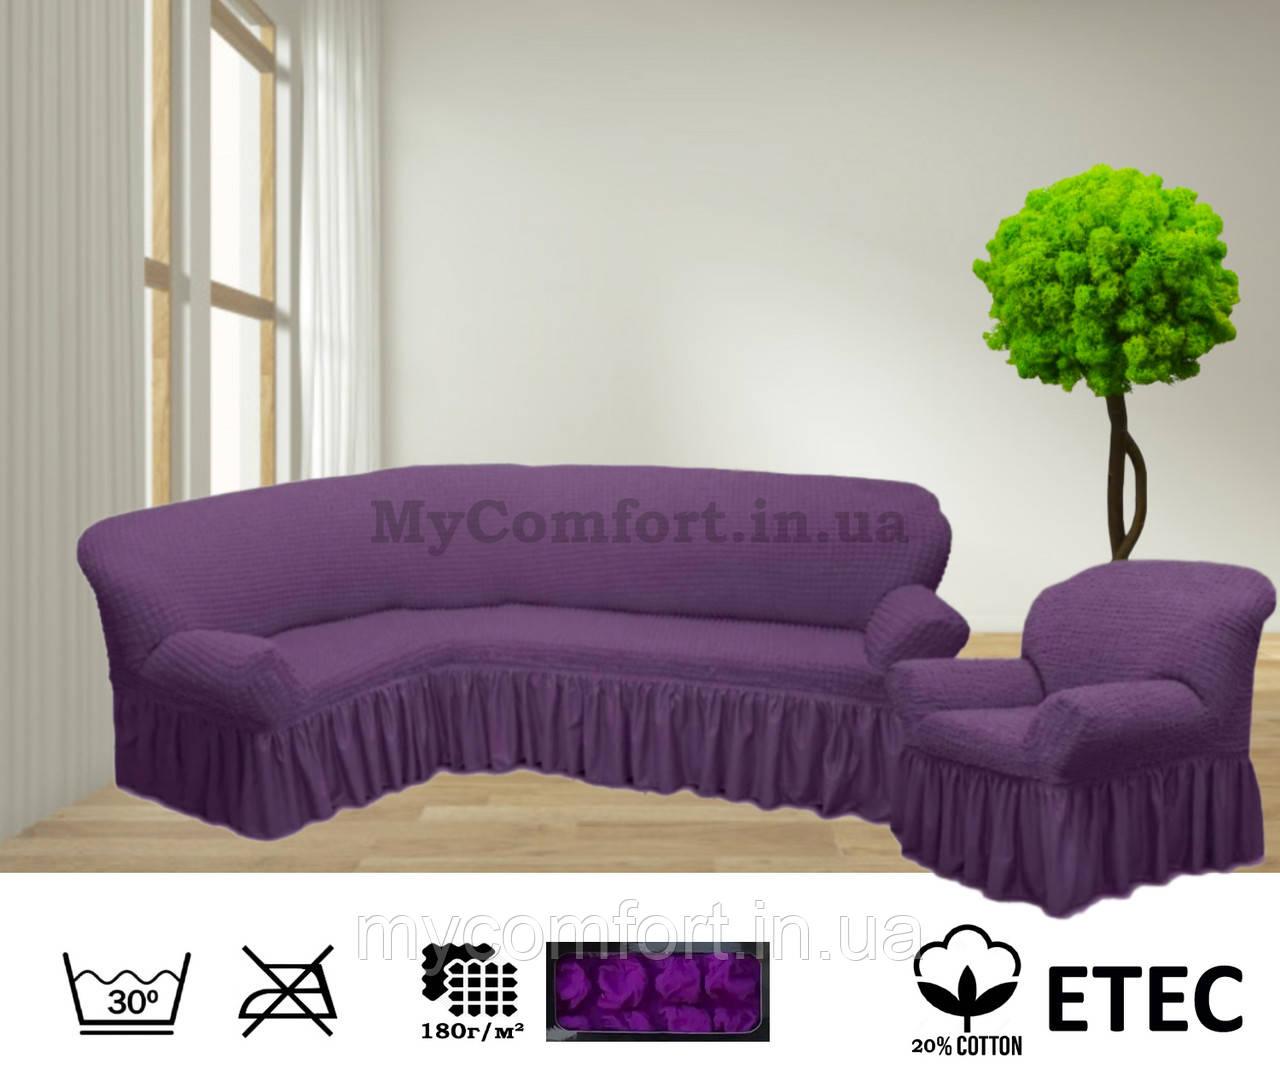 Чехол на угловой диван и кресло. Сирень